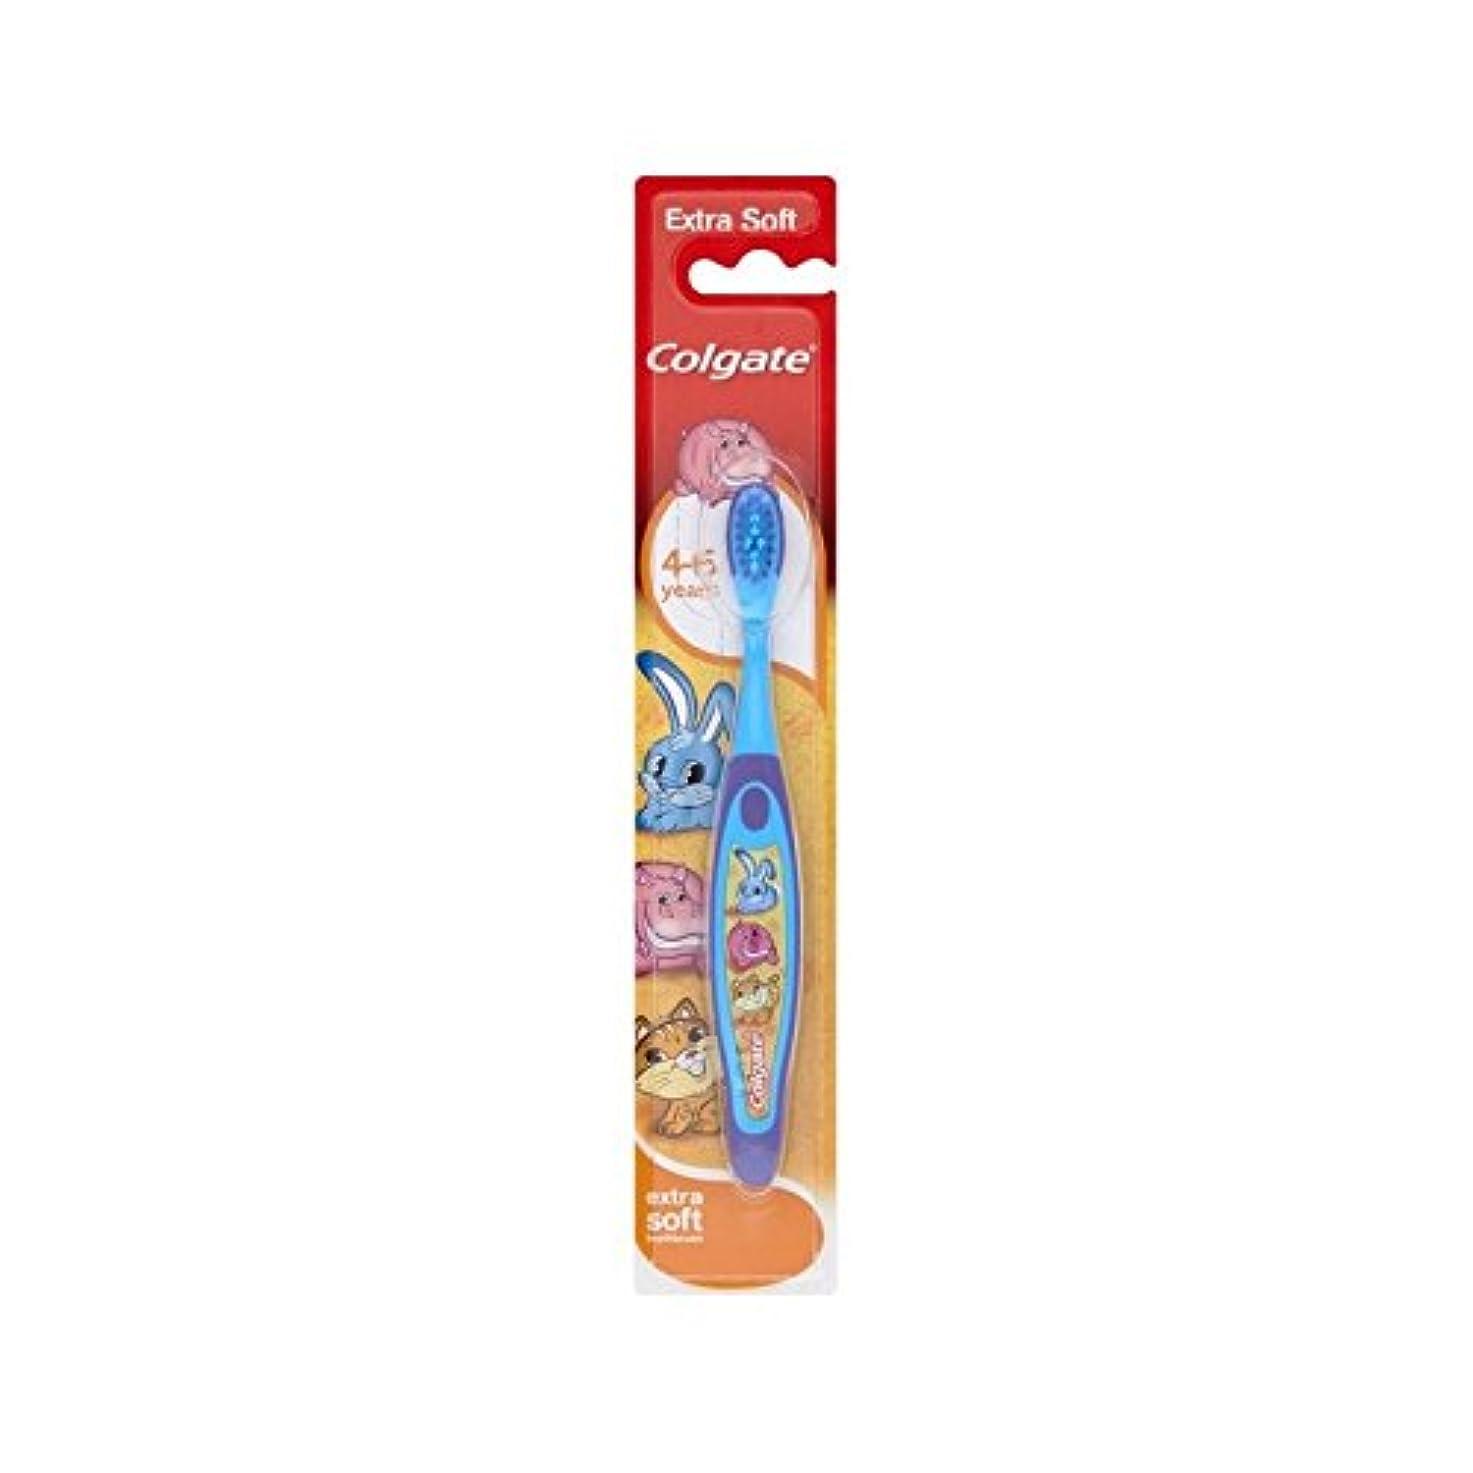 水差し宣言するシリンダー4-6歳の歯ブラシを笑顔 (Colgate) - Colgate Smiles 4-6 Years Old Toothbrush [並行輸入品]